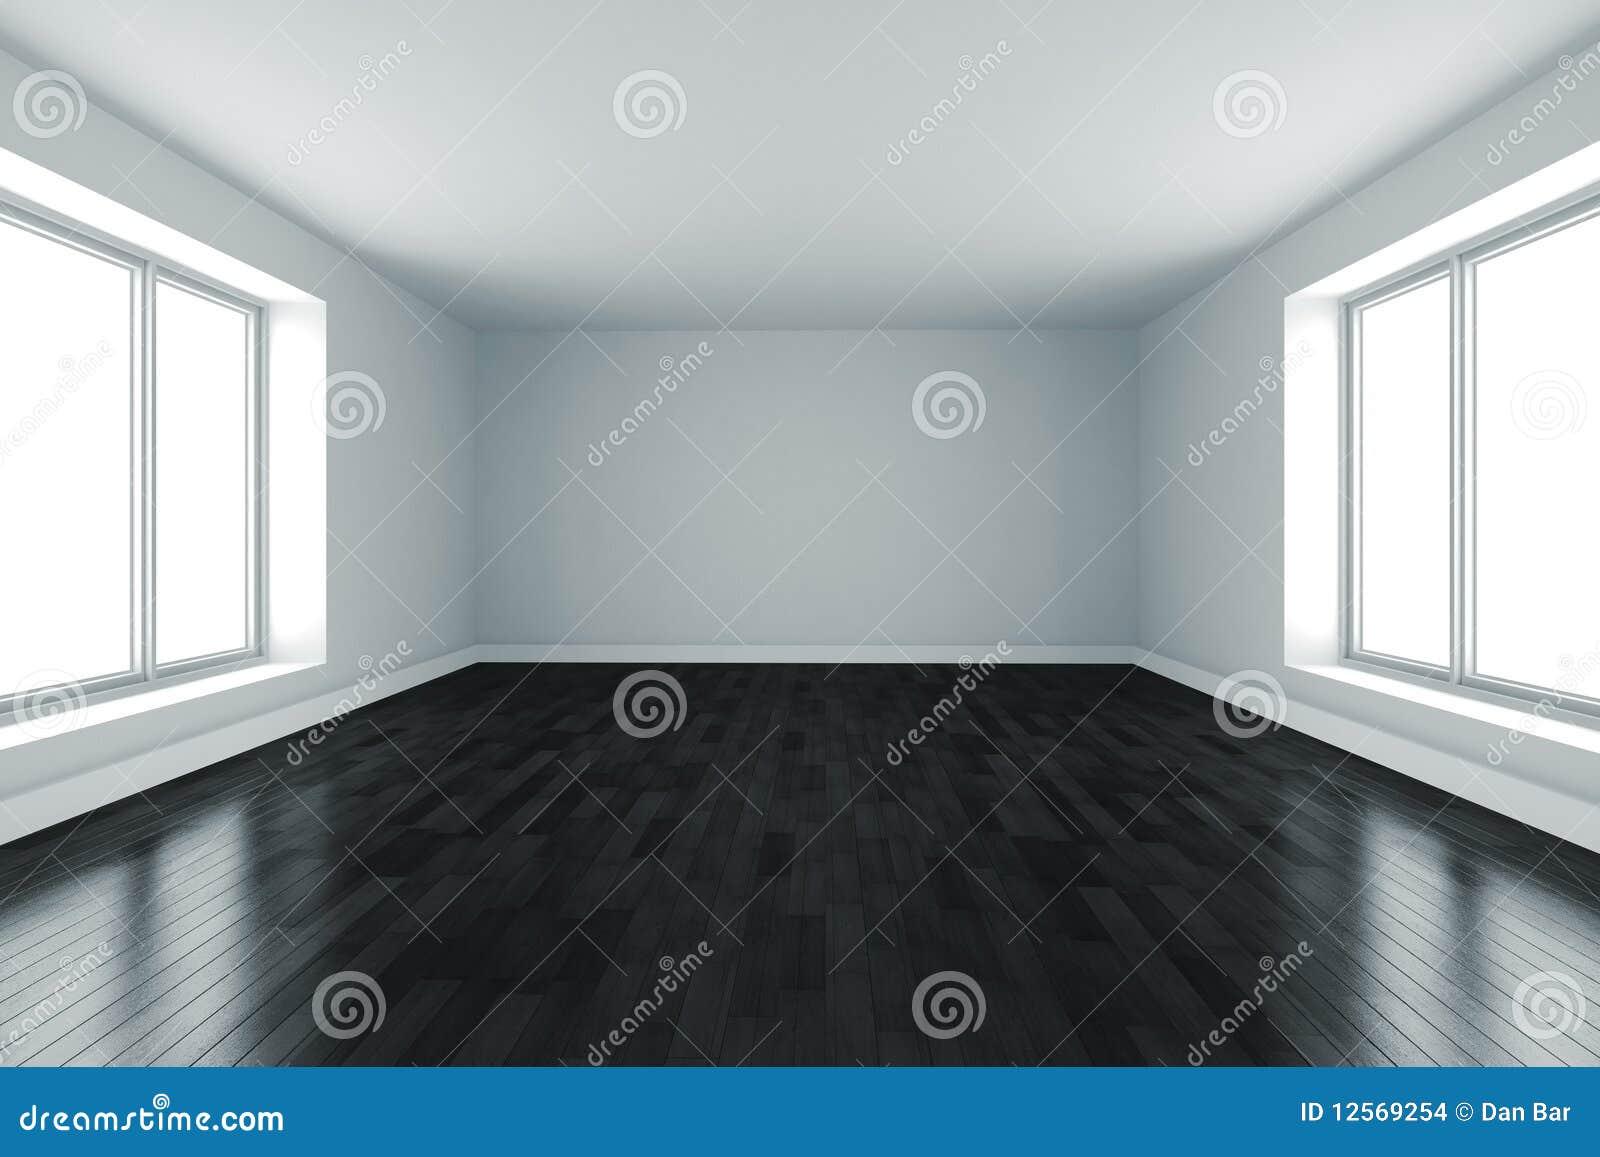 3d ruimte met witte muren en zwarte vloer stock for Witte vloer